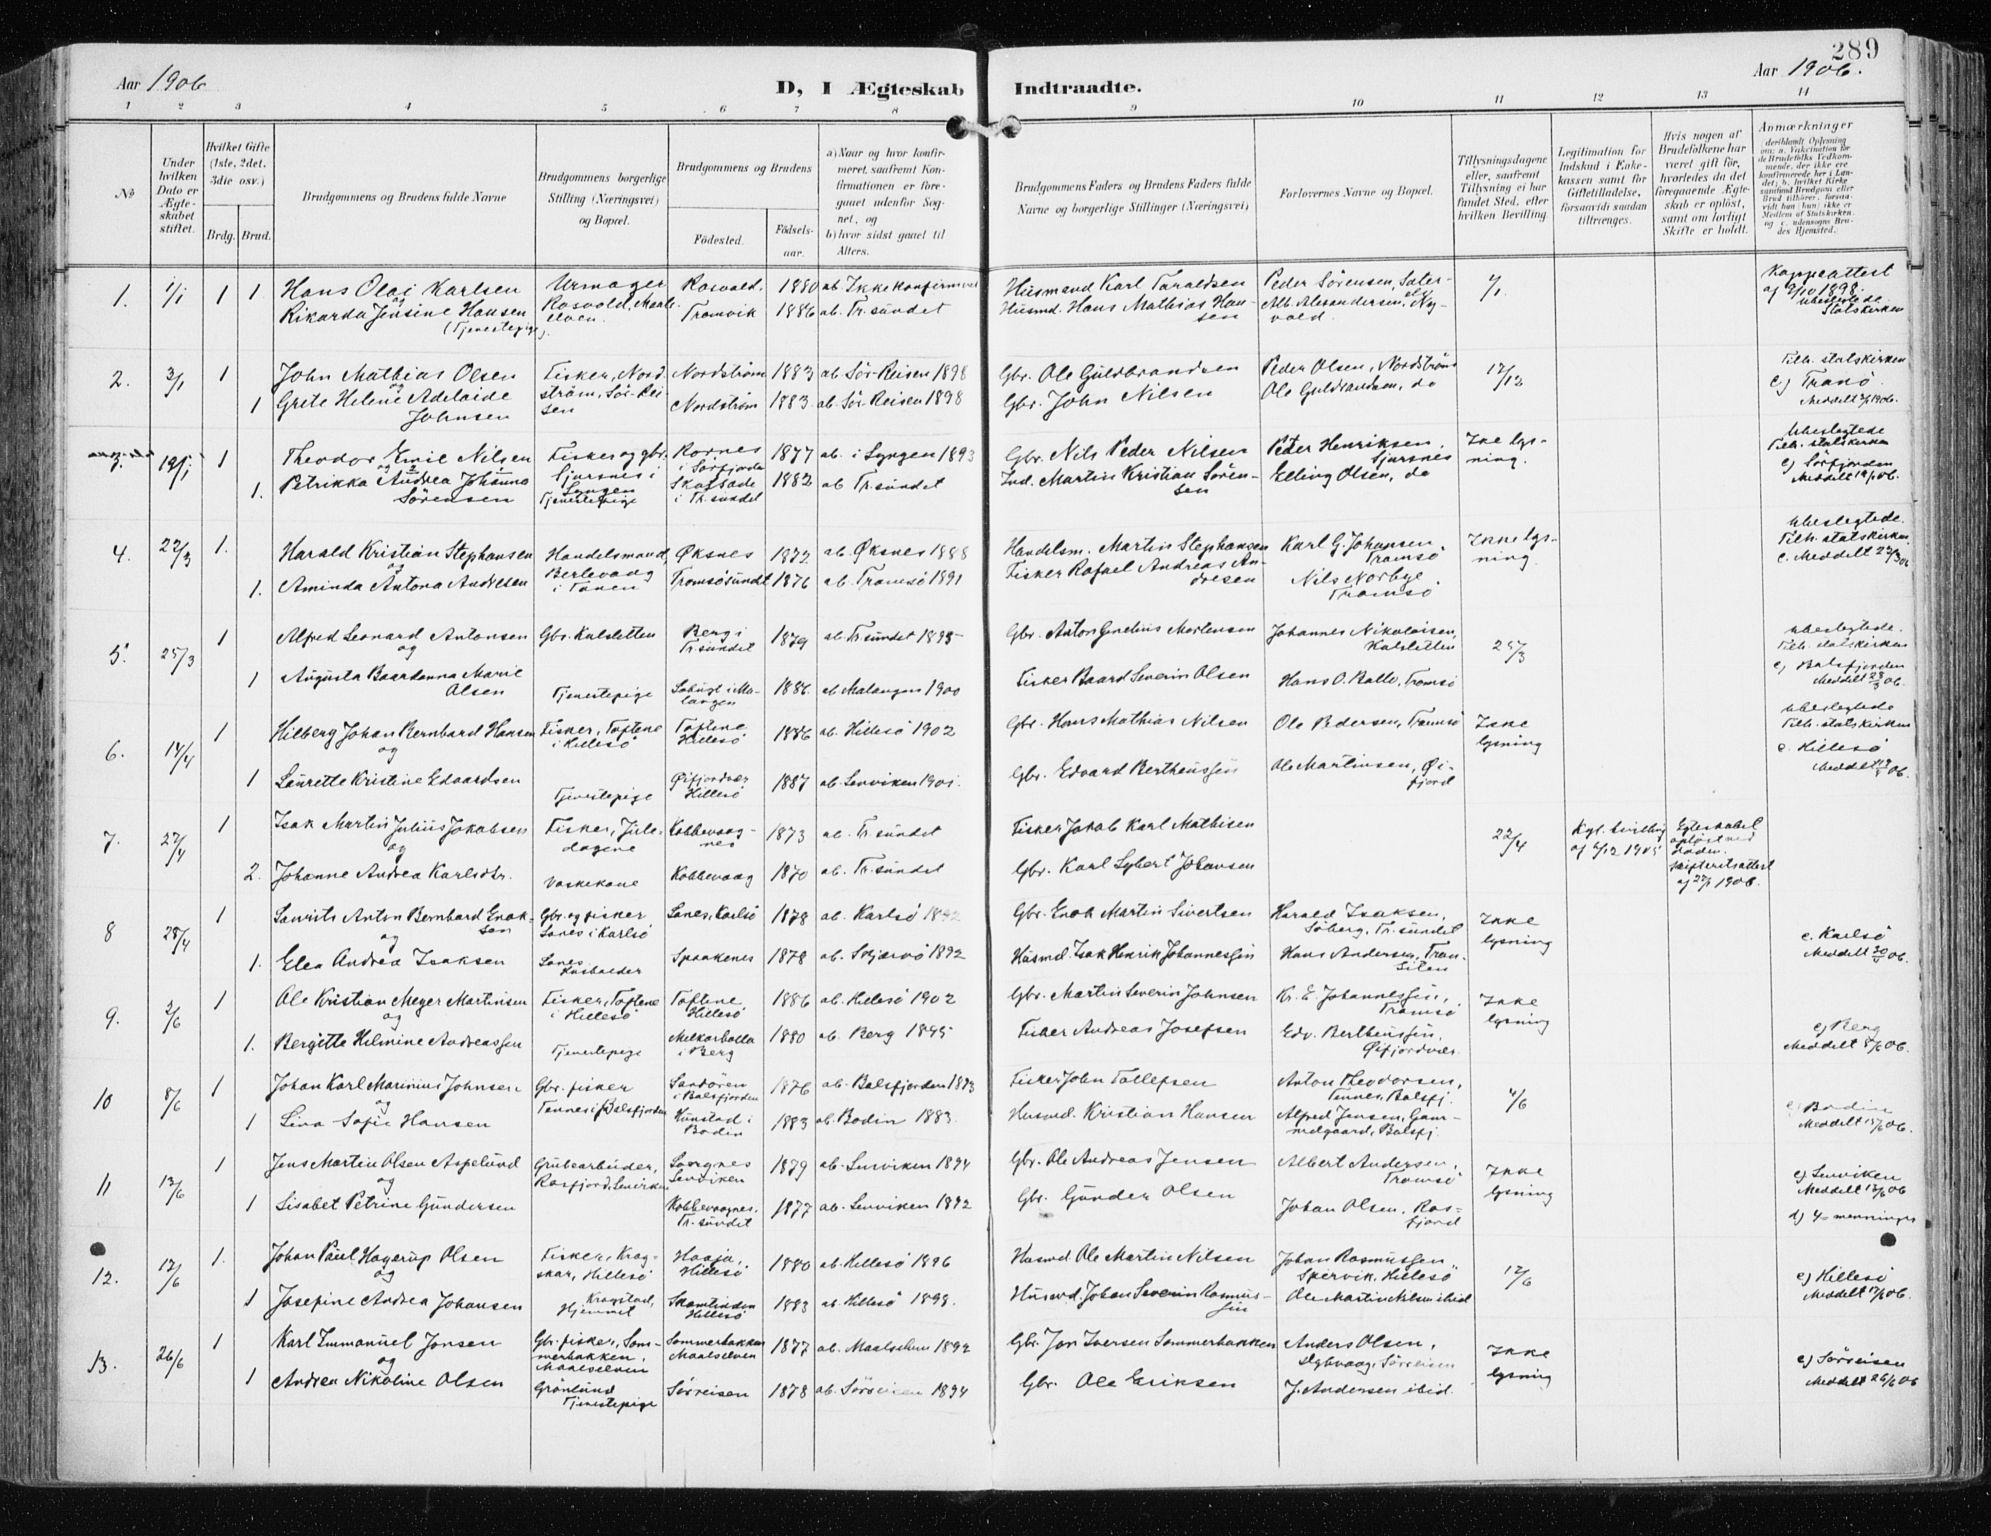 SATØ, Tromsøysund sokneprestkontor, G/Ga/L0006kirke: Ministerialbok nr. 6, 1897-1906, s. 289